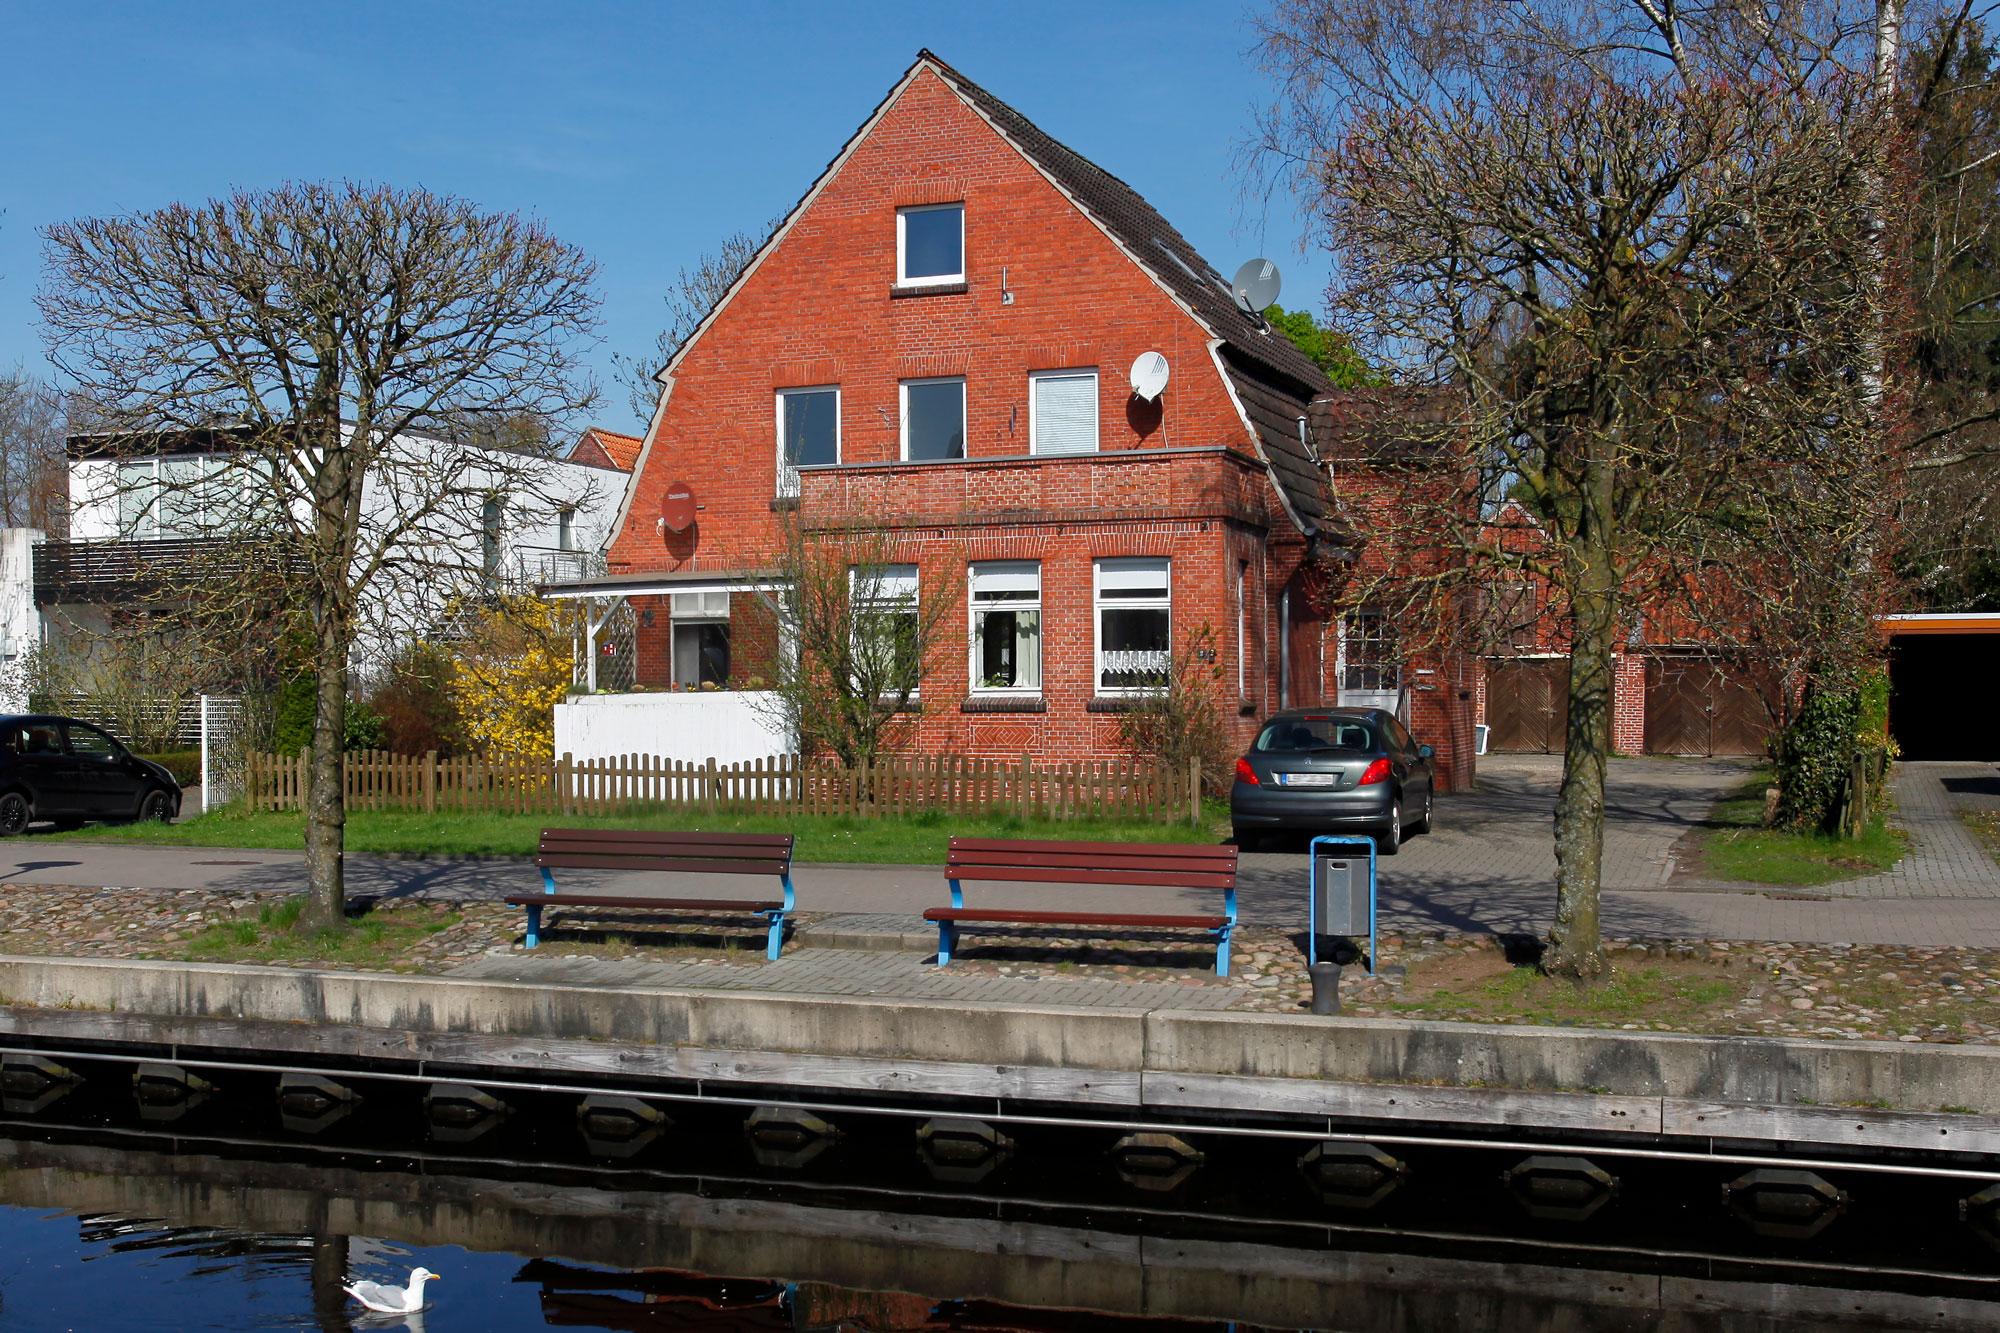 Das ehemalige Haus der Familie Samson befindet sich an der Straße Am Neuen Hafen